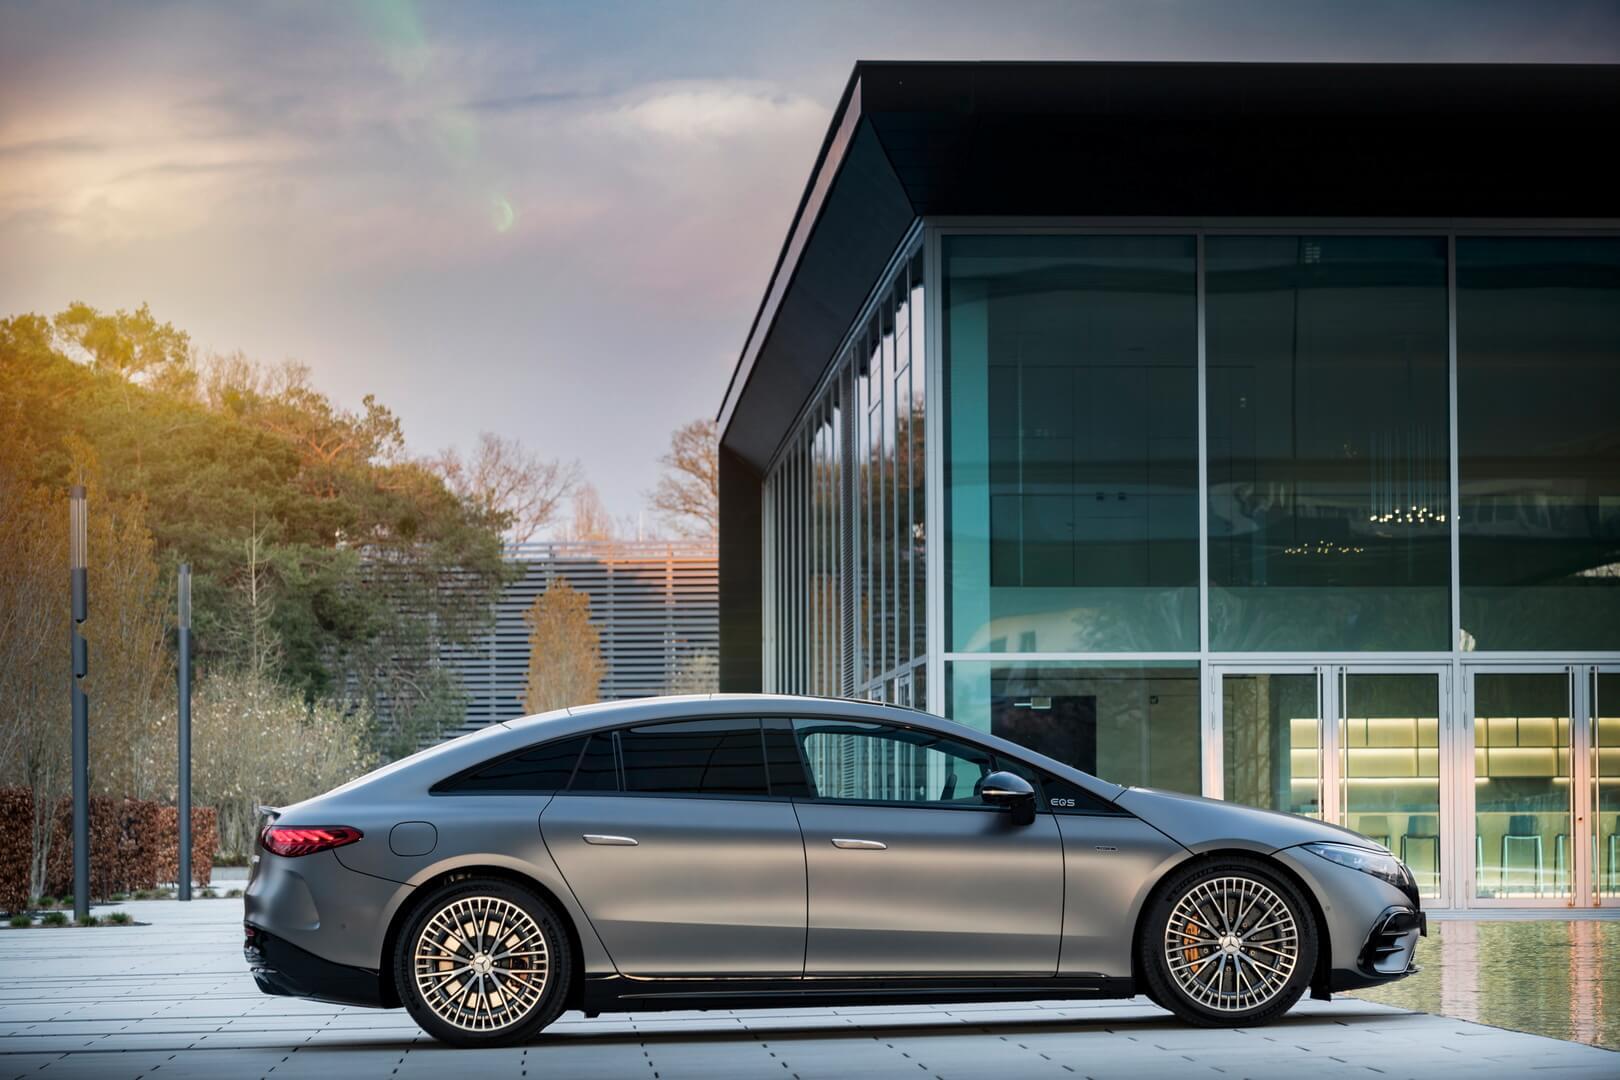 Полностью электрический Mercedes AMG EQS 53 4MATIC+ составит конкуренцию высокопроизводительным электромобилям от Audi, Porsche и Tesla